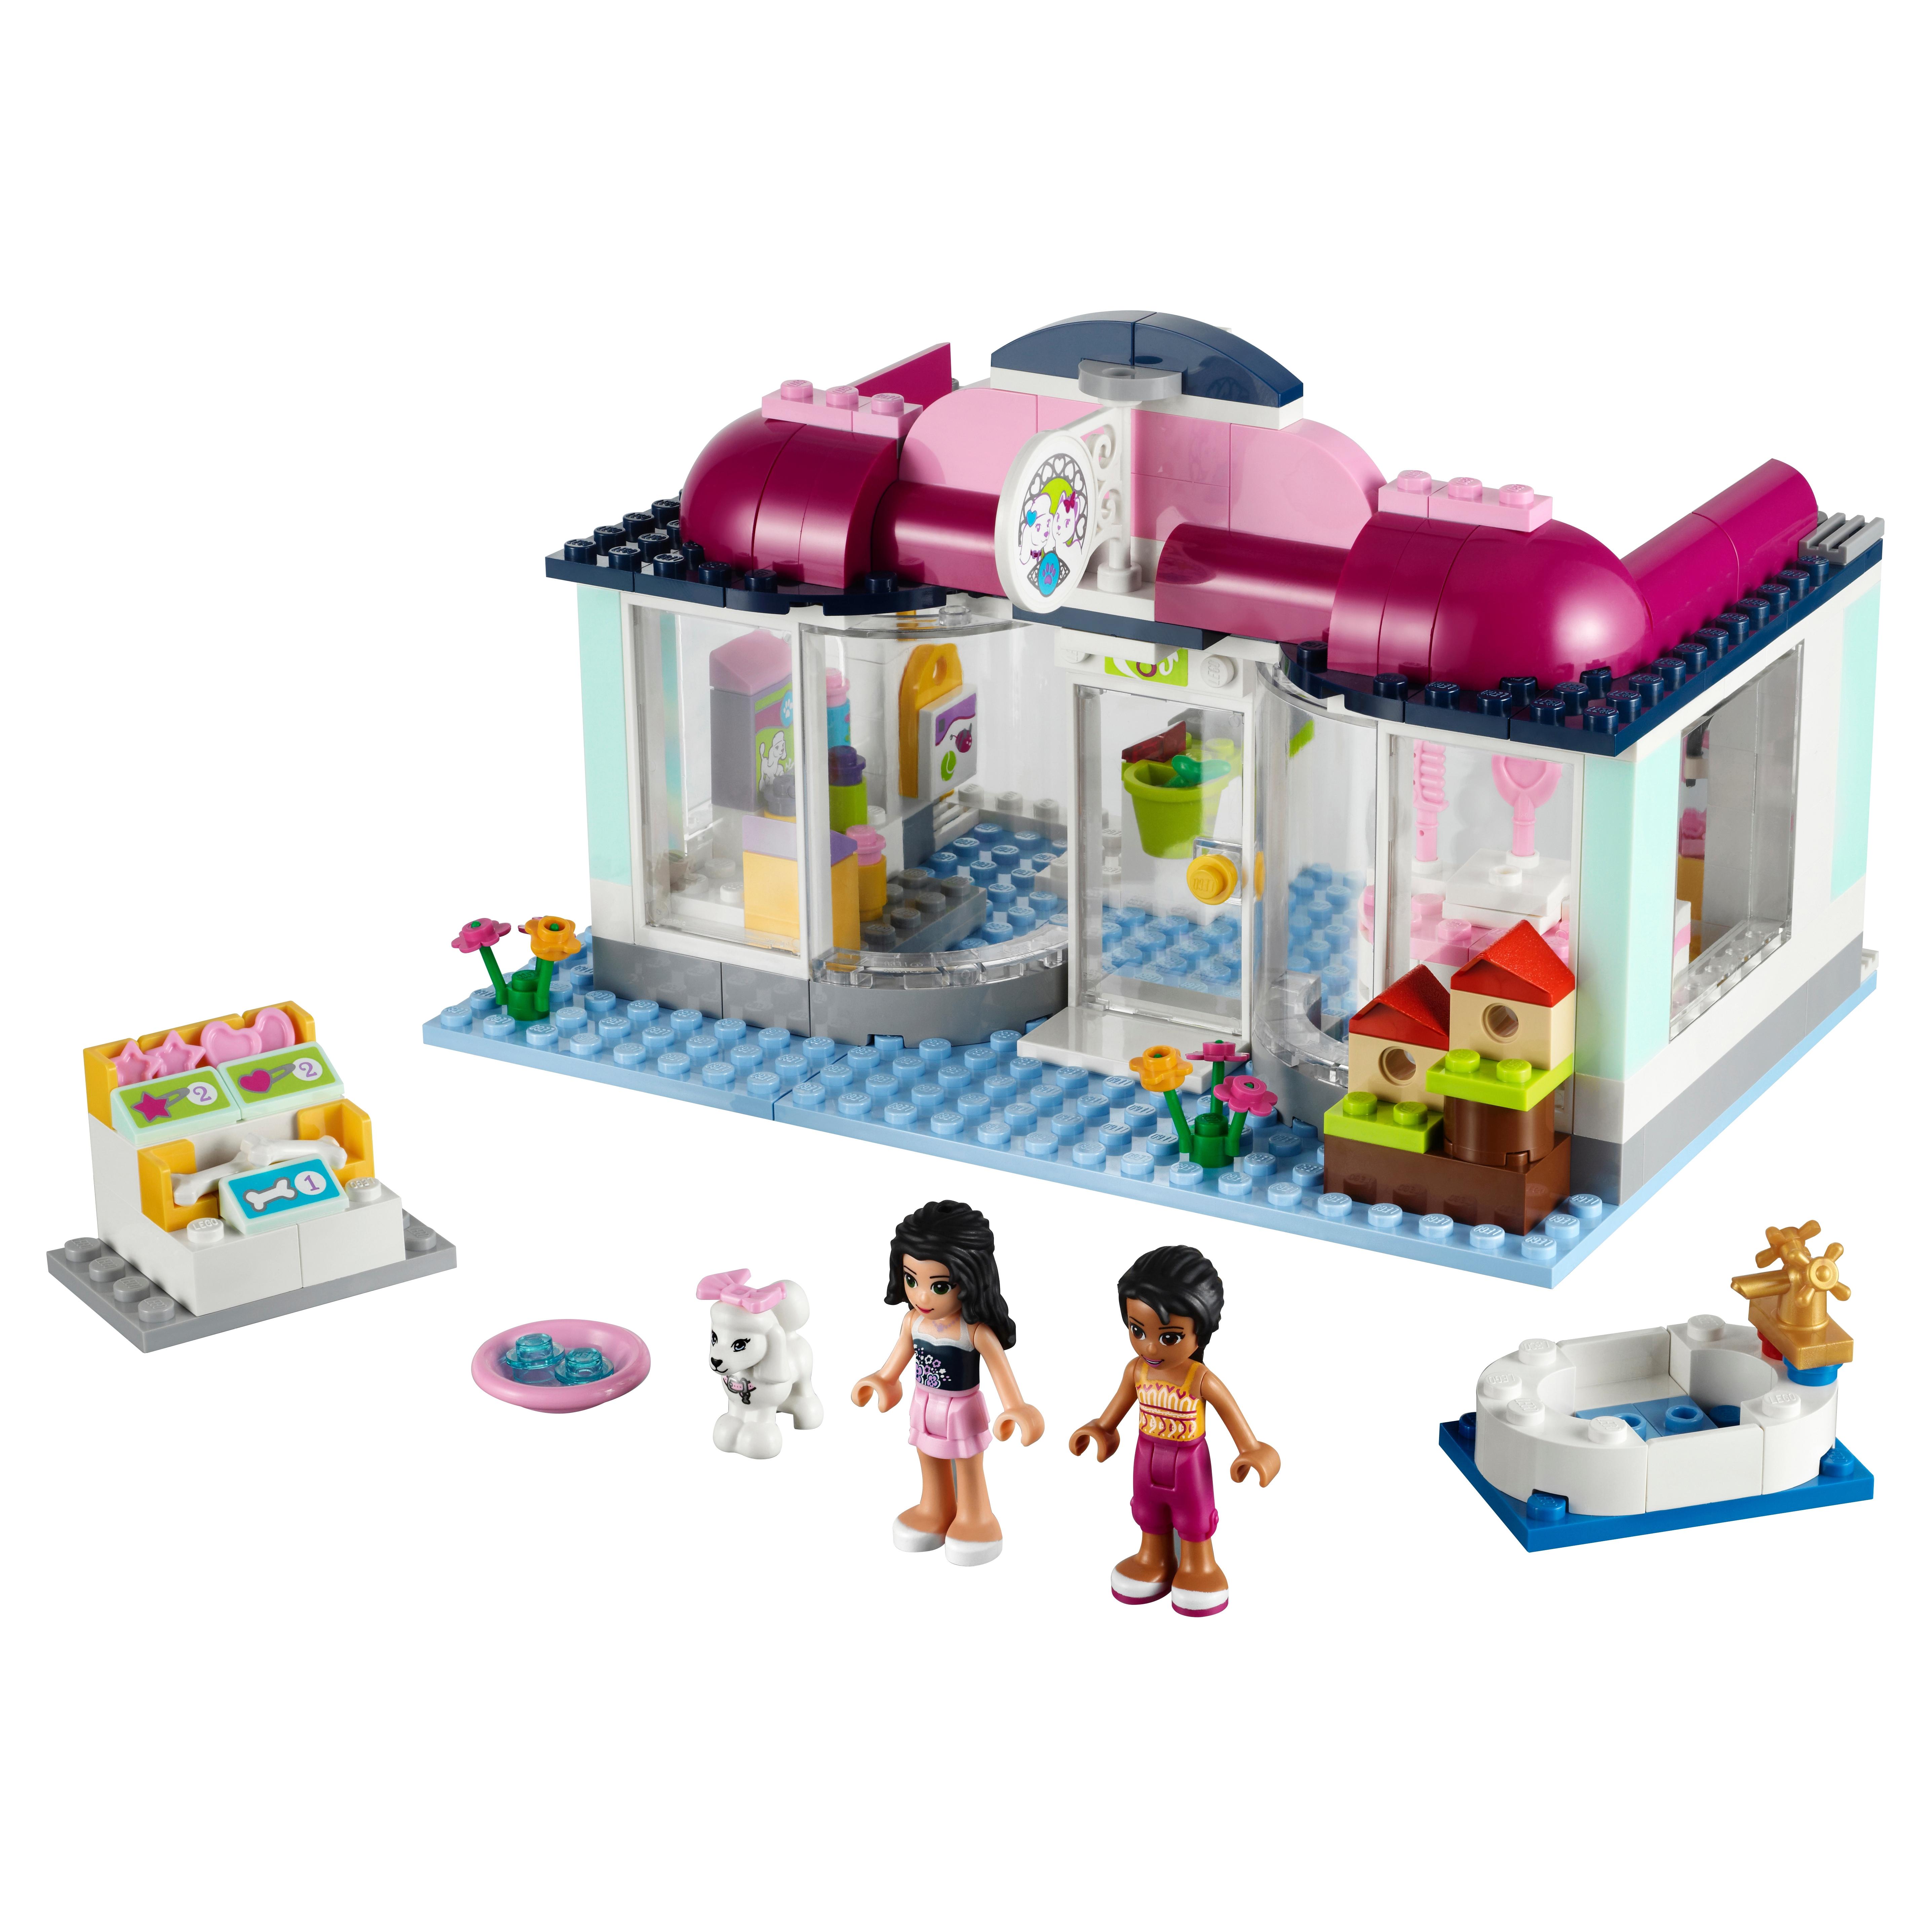 Конструктор LEGO Friends Спа-салон для питомцев (41007) фото